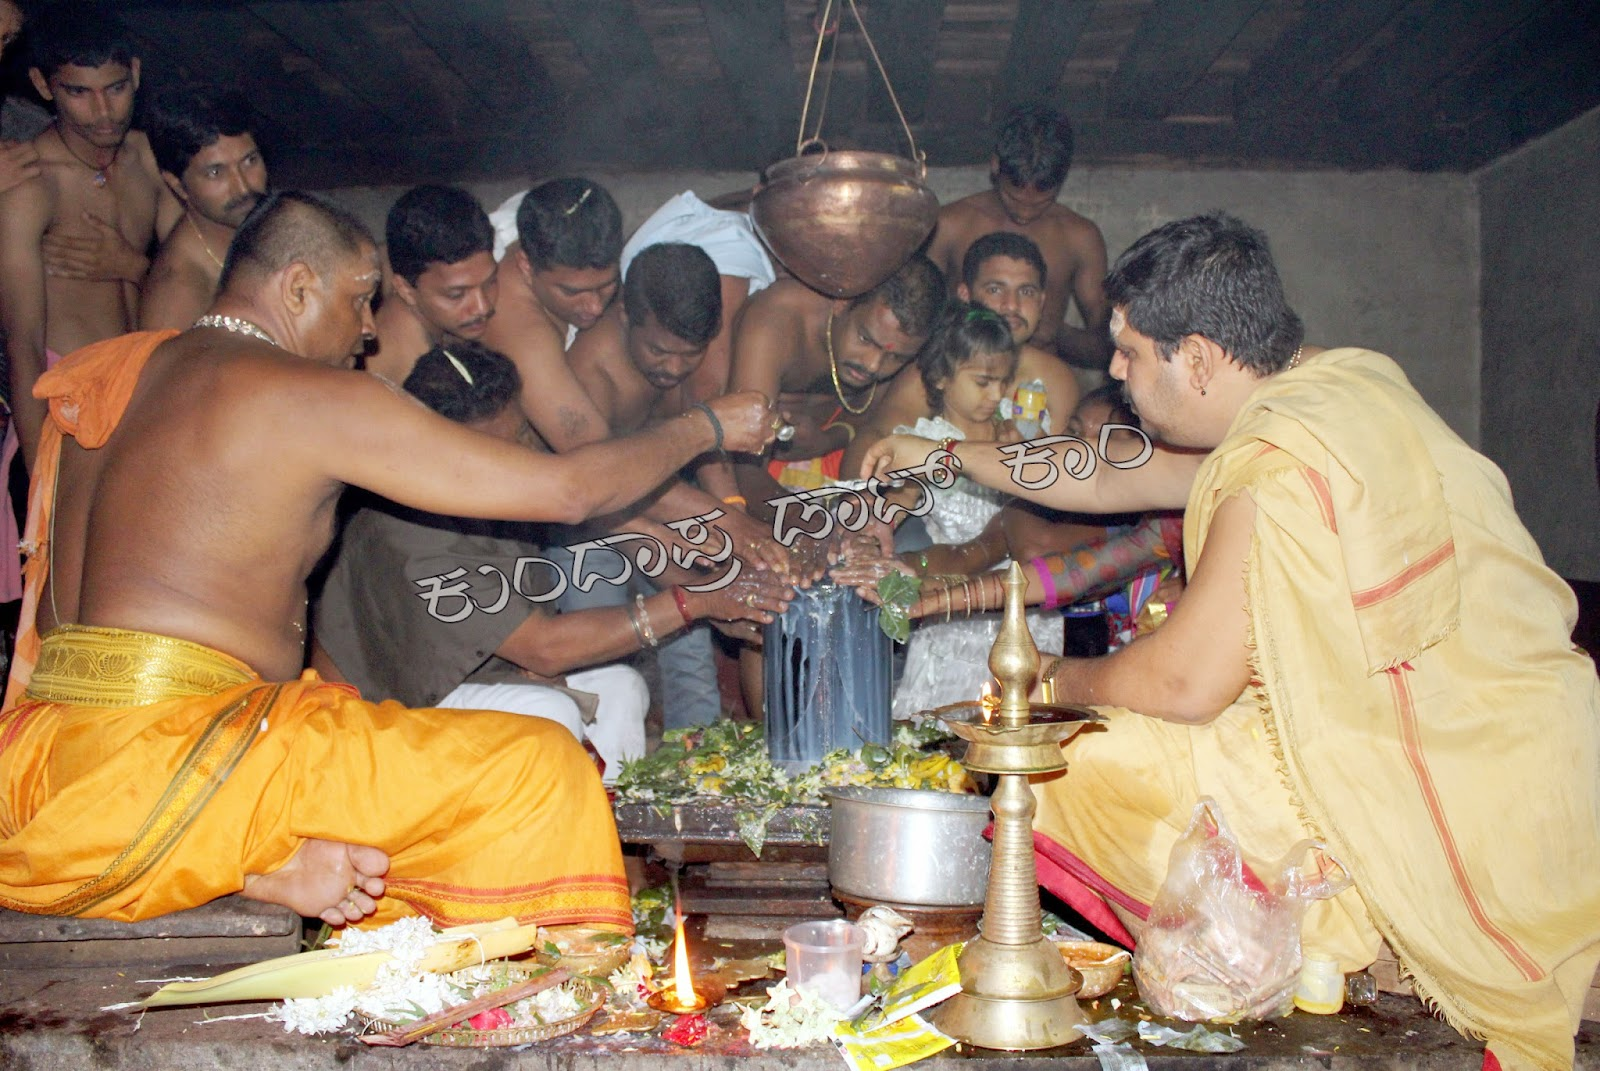 ಬೈಂದೂರು: ಶಿವಲಿಂಗ ಸ್ಪರ್ಶಪೂಜೆಯ ವಿಶಿಷ್ಟ ಕ್ಷೇತ್ರ ವಣಕೊಡ್ಲು